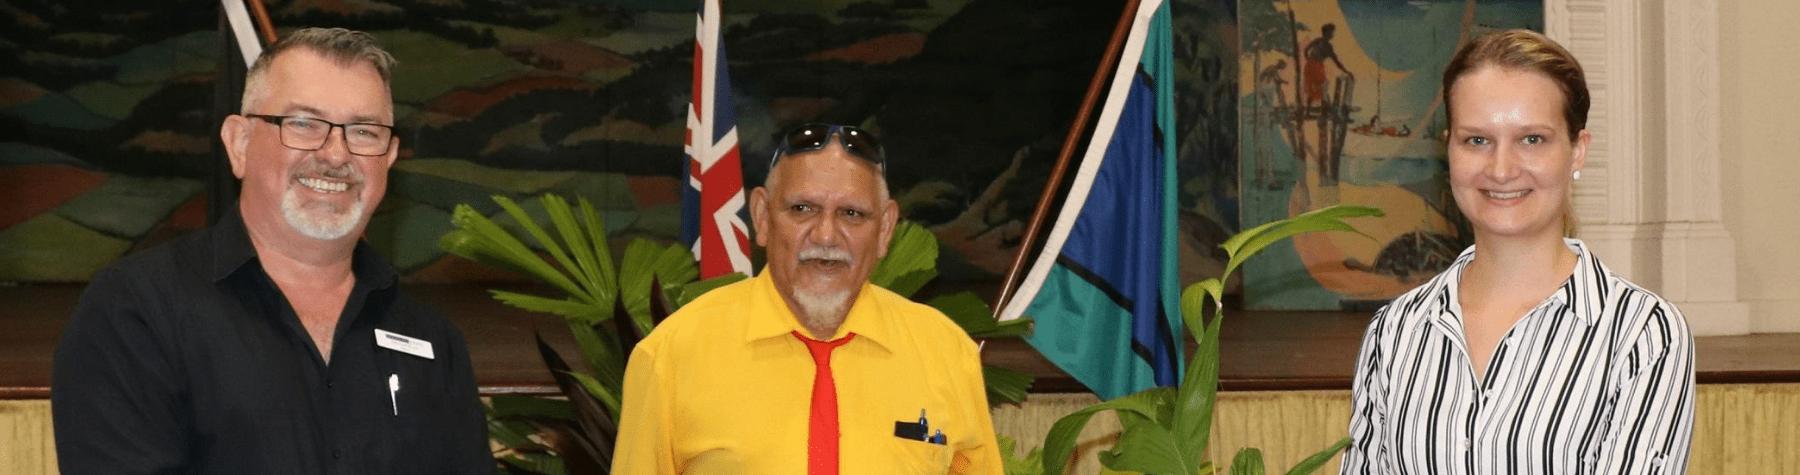 Meet Our Newest Aussie Citizens